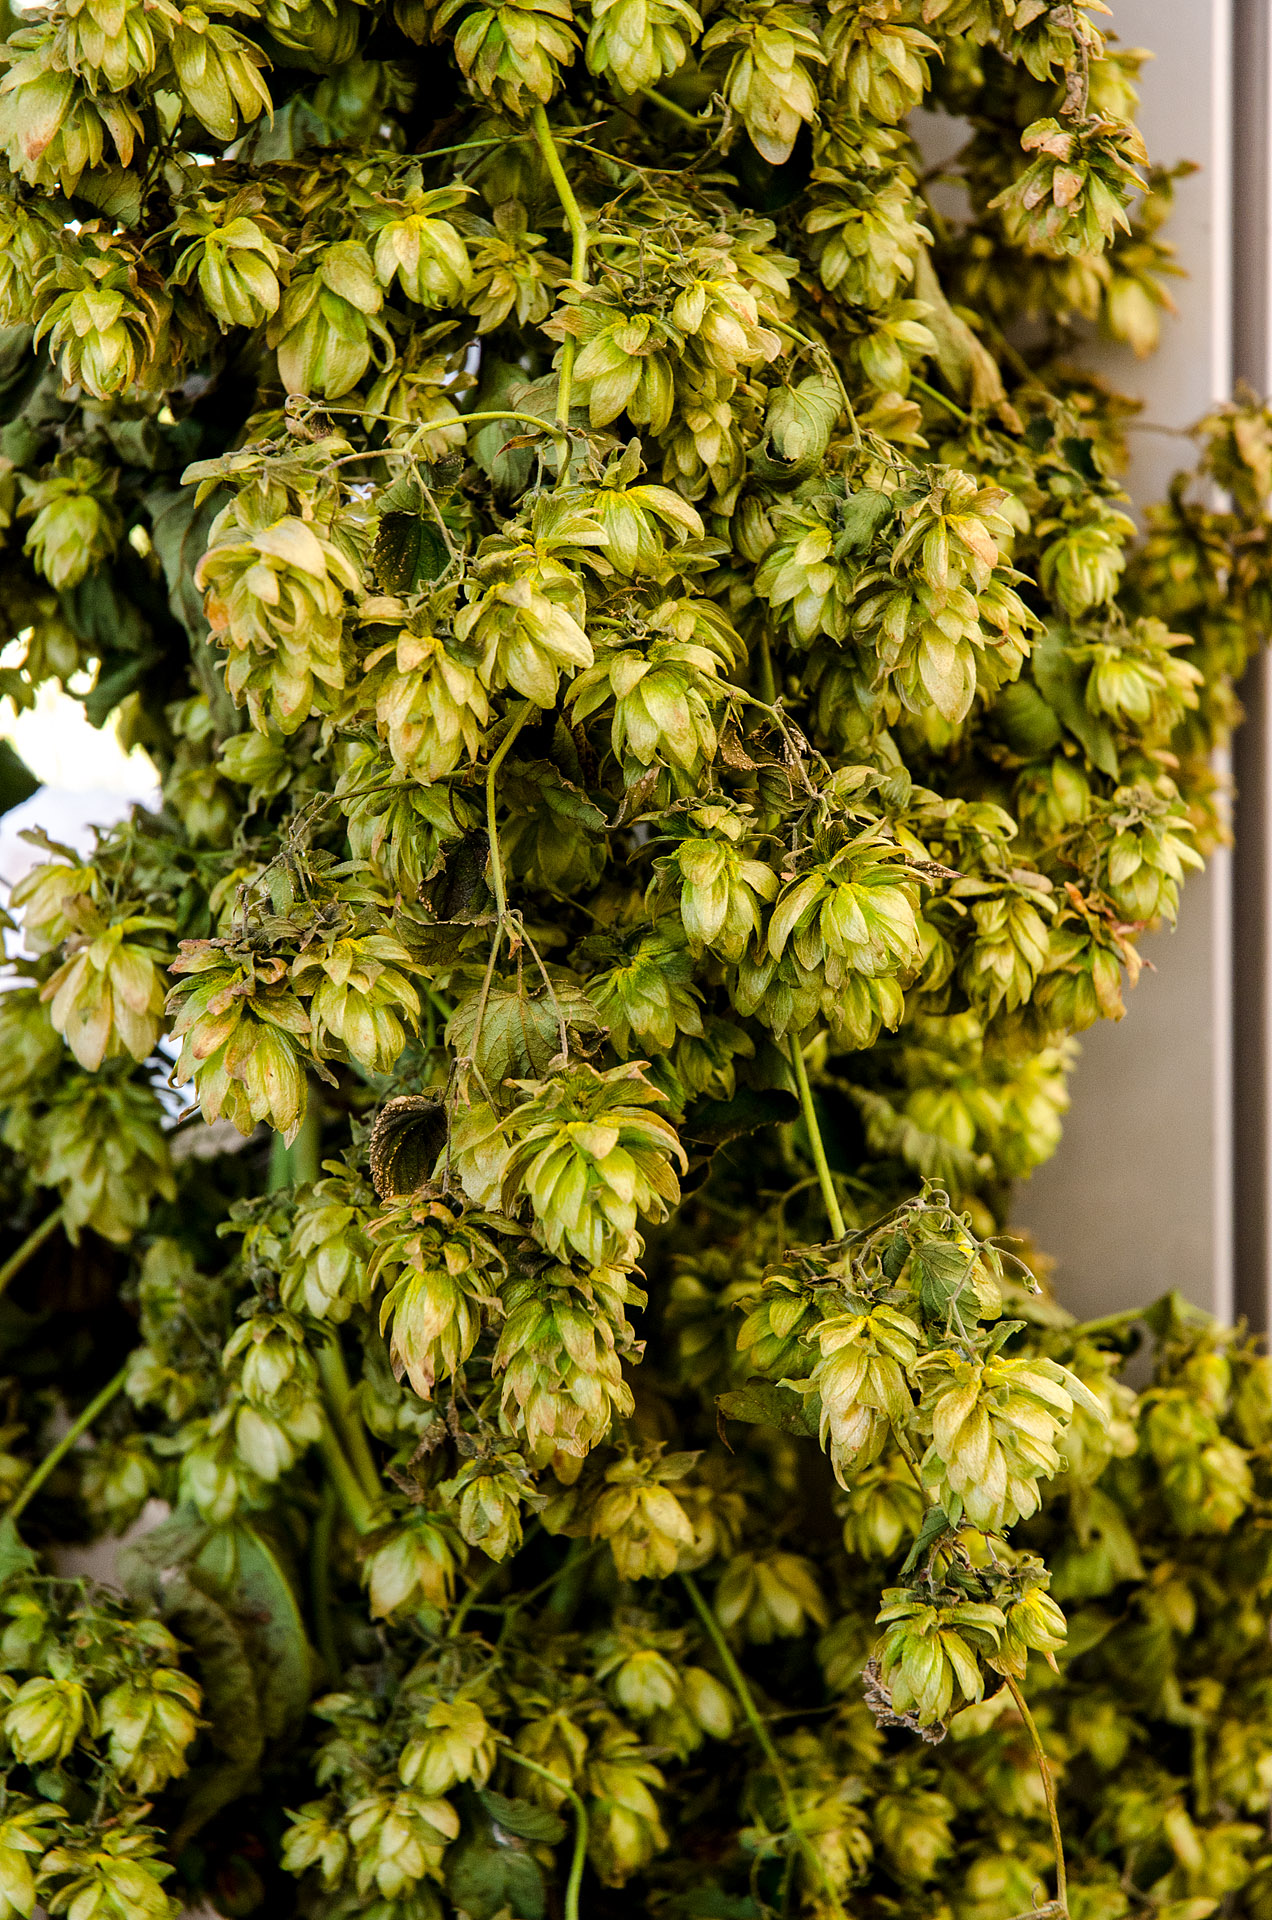 Styrian (Golding) hops